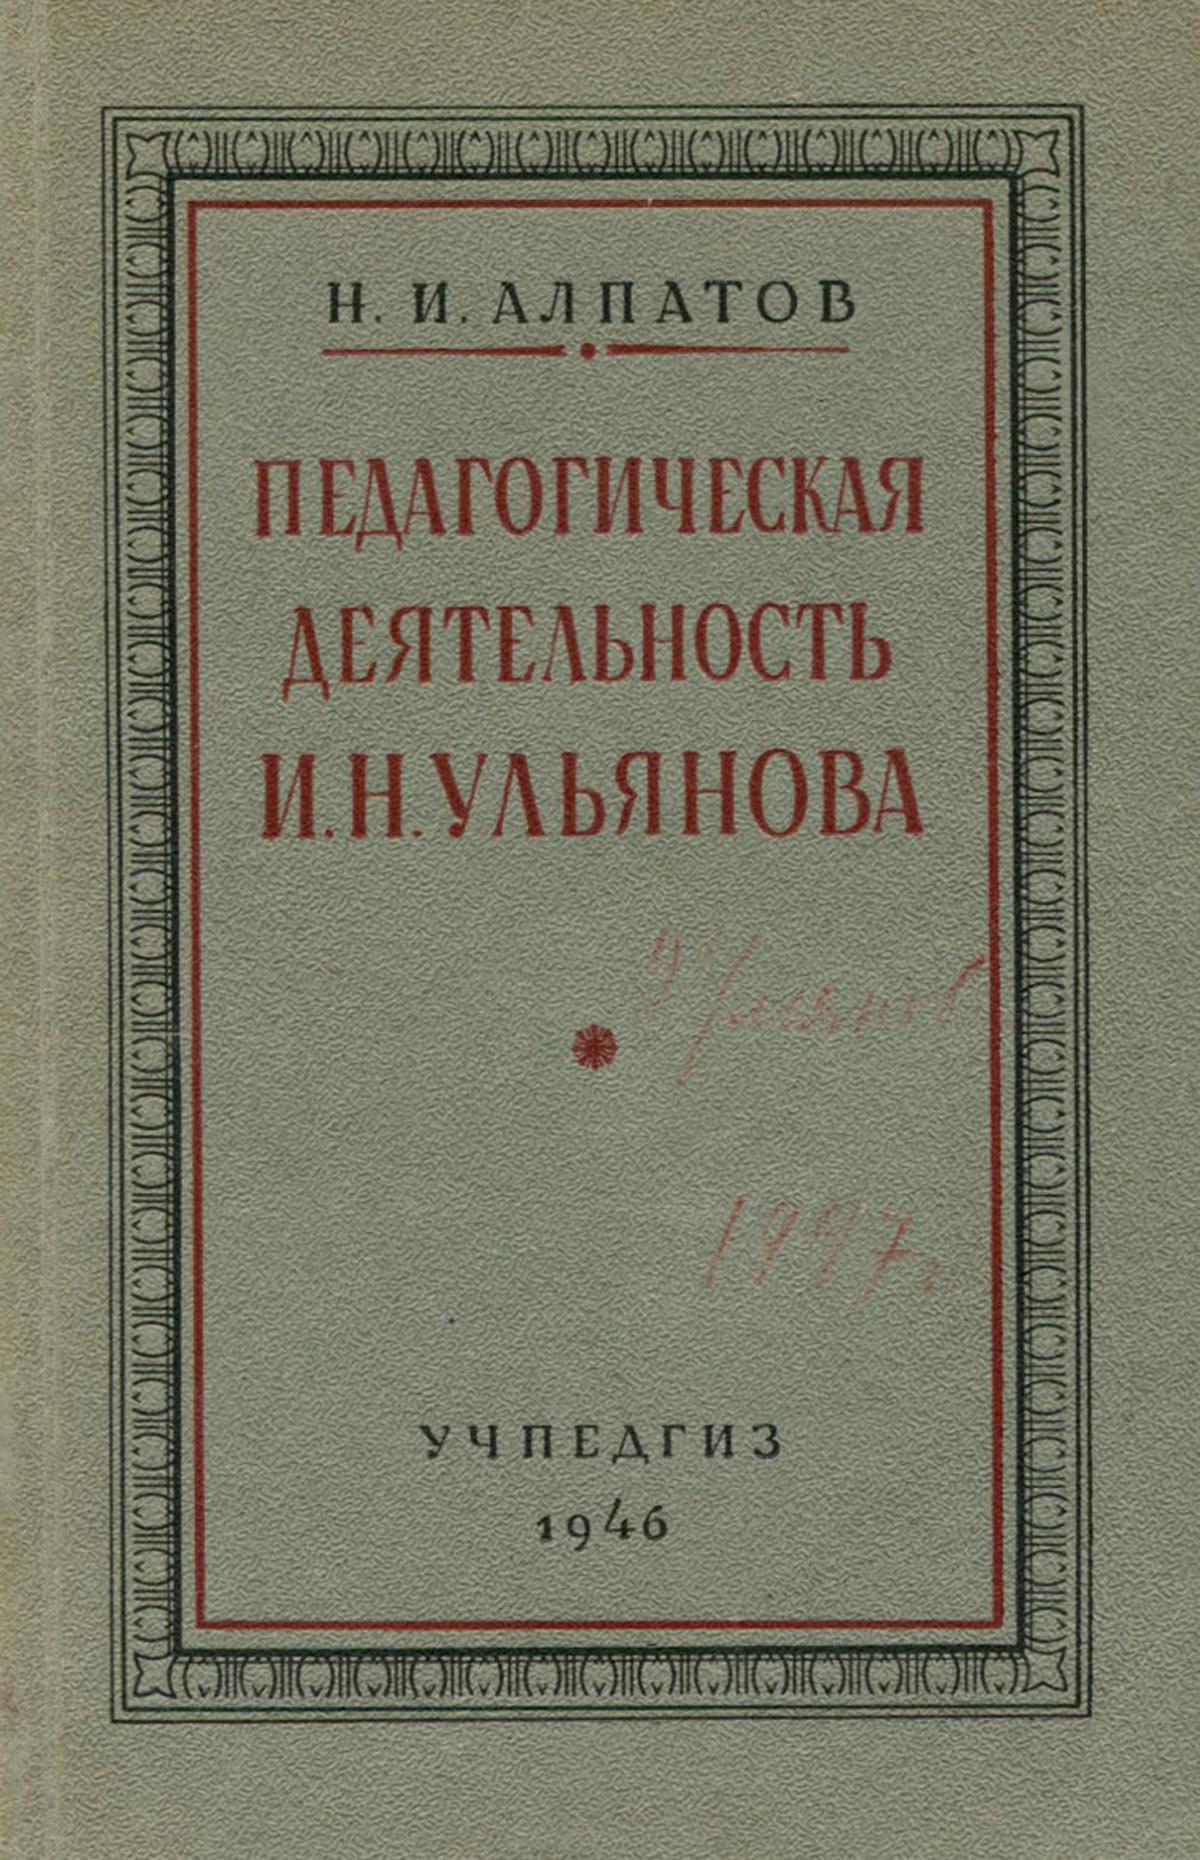 Педагогическая деятельность И. Н. Ульянова. Пособие для учителей